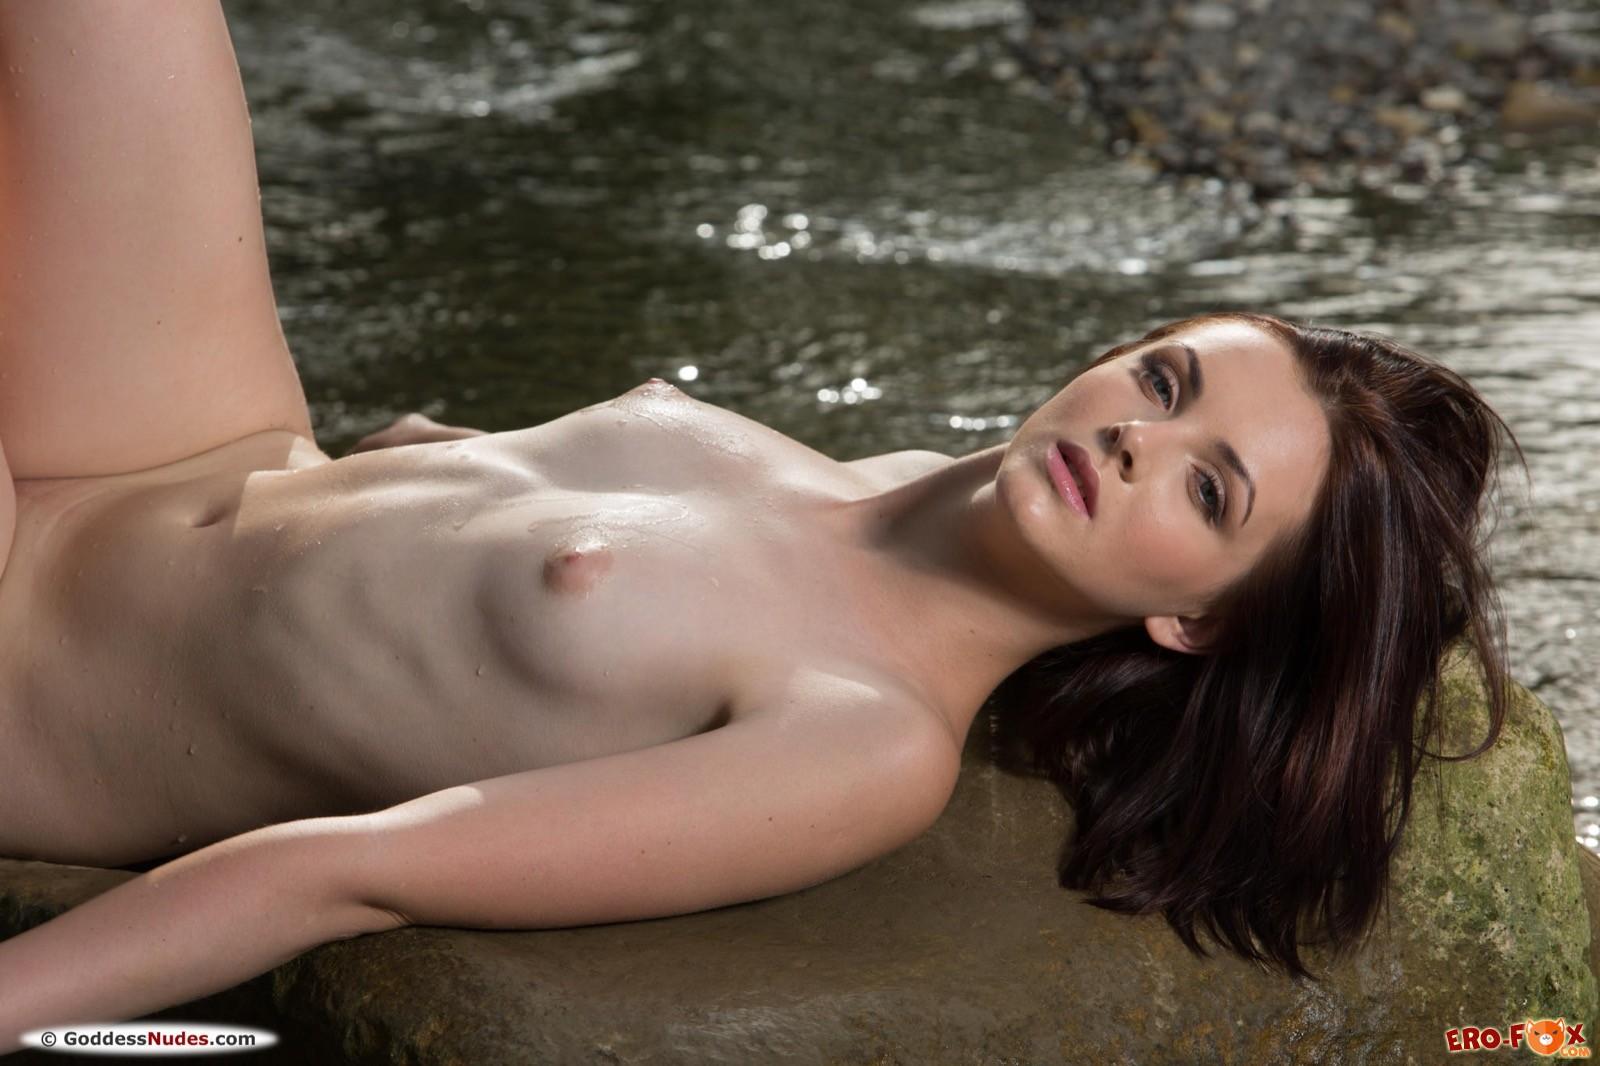 Раздетая девушка показывает худенькое тело в речке